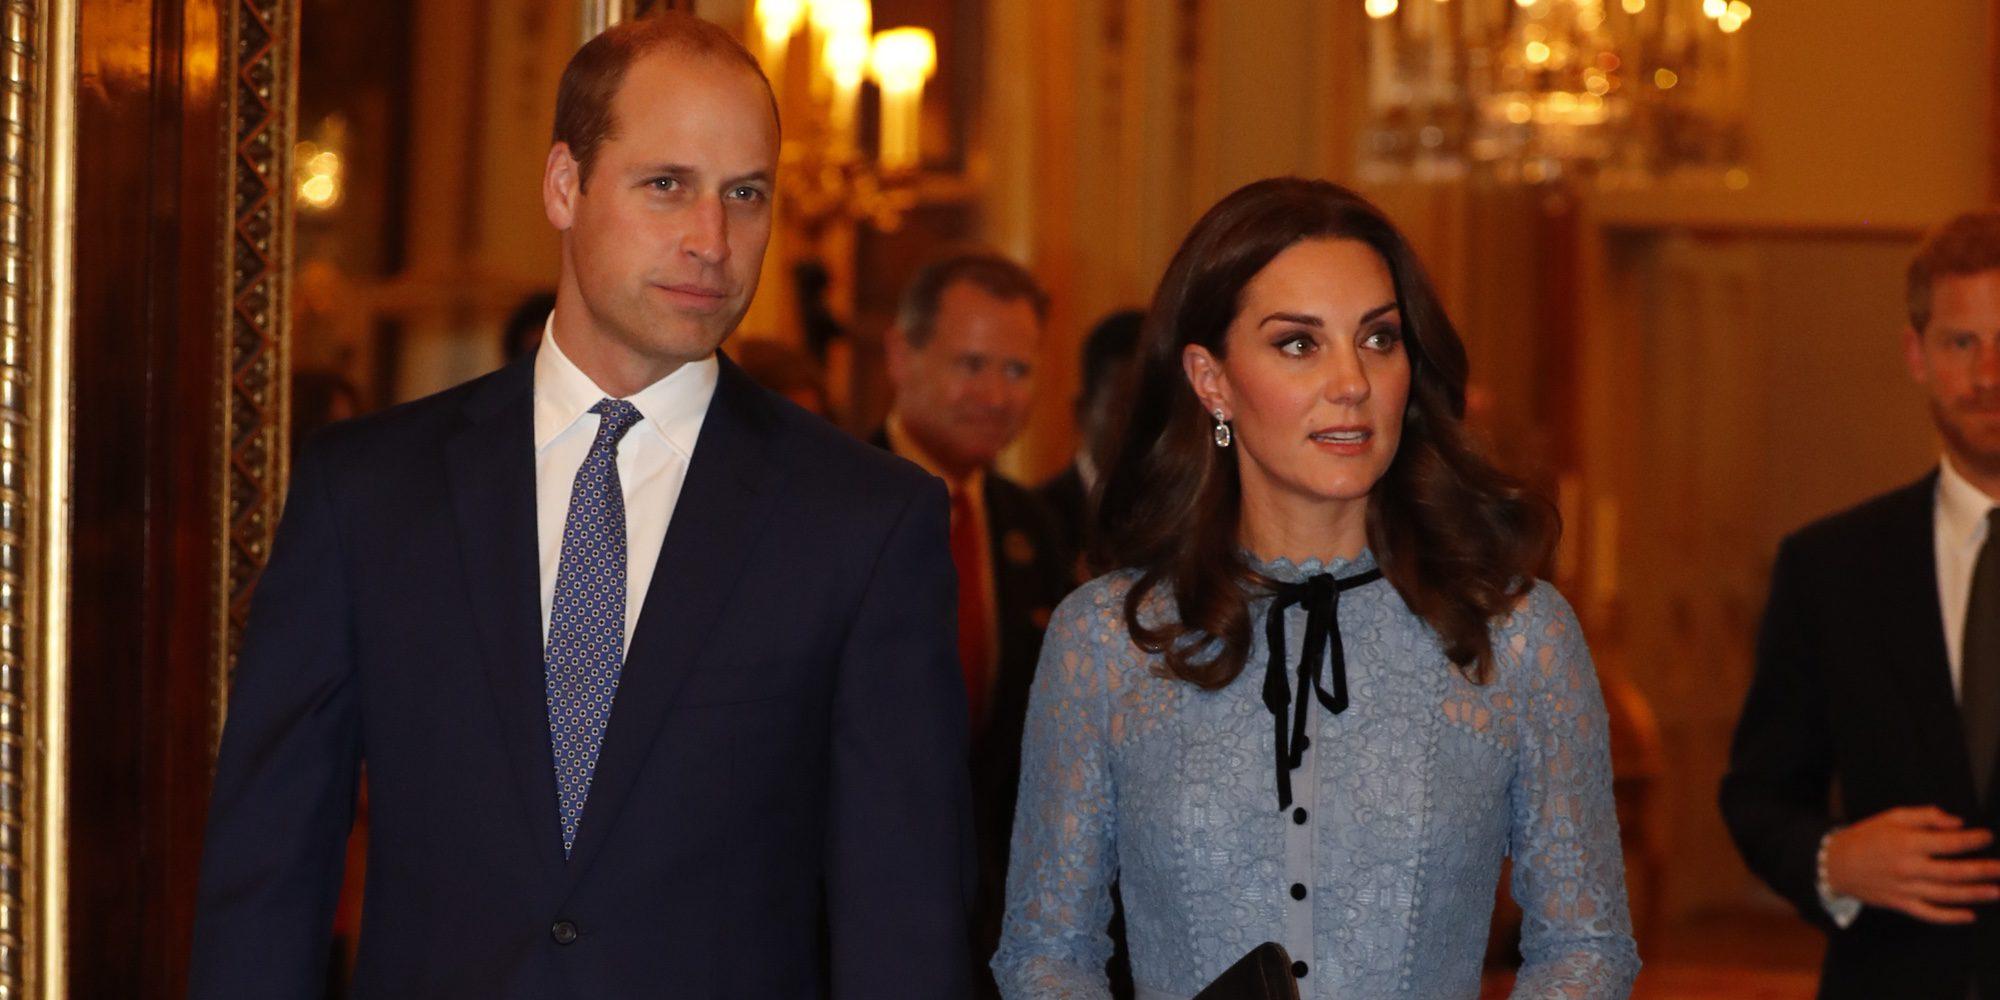 Kate Middleton luce embarazo en su reaparición con el Príncipe Guillermo tras anunciar que espera su tercer hijo